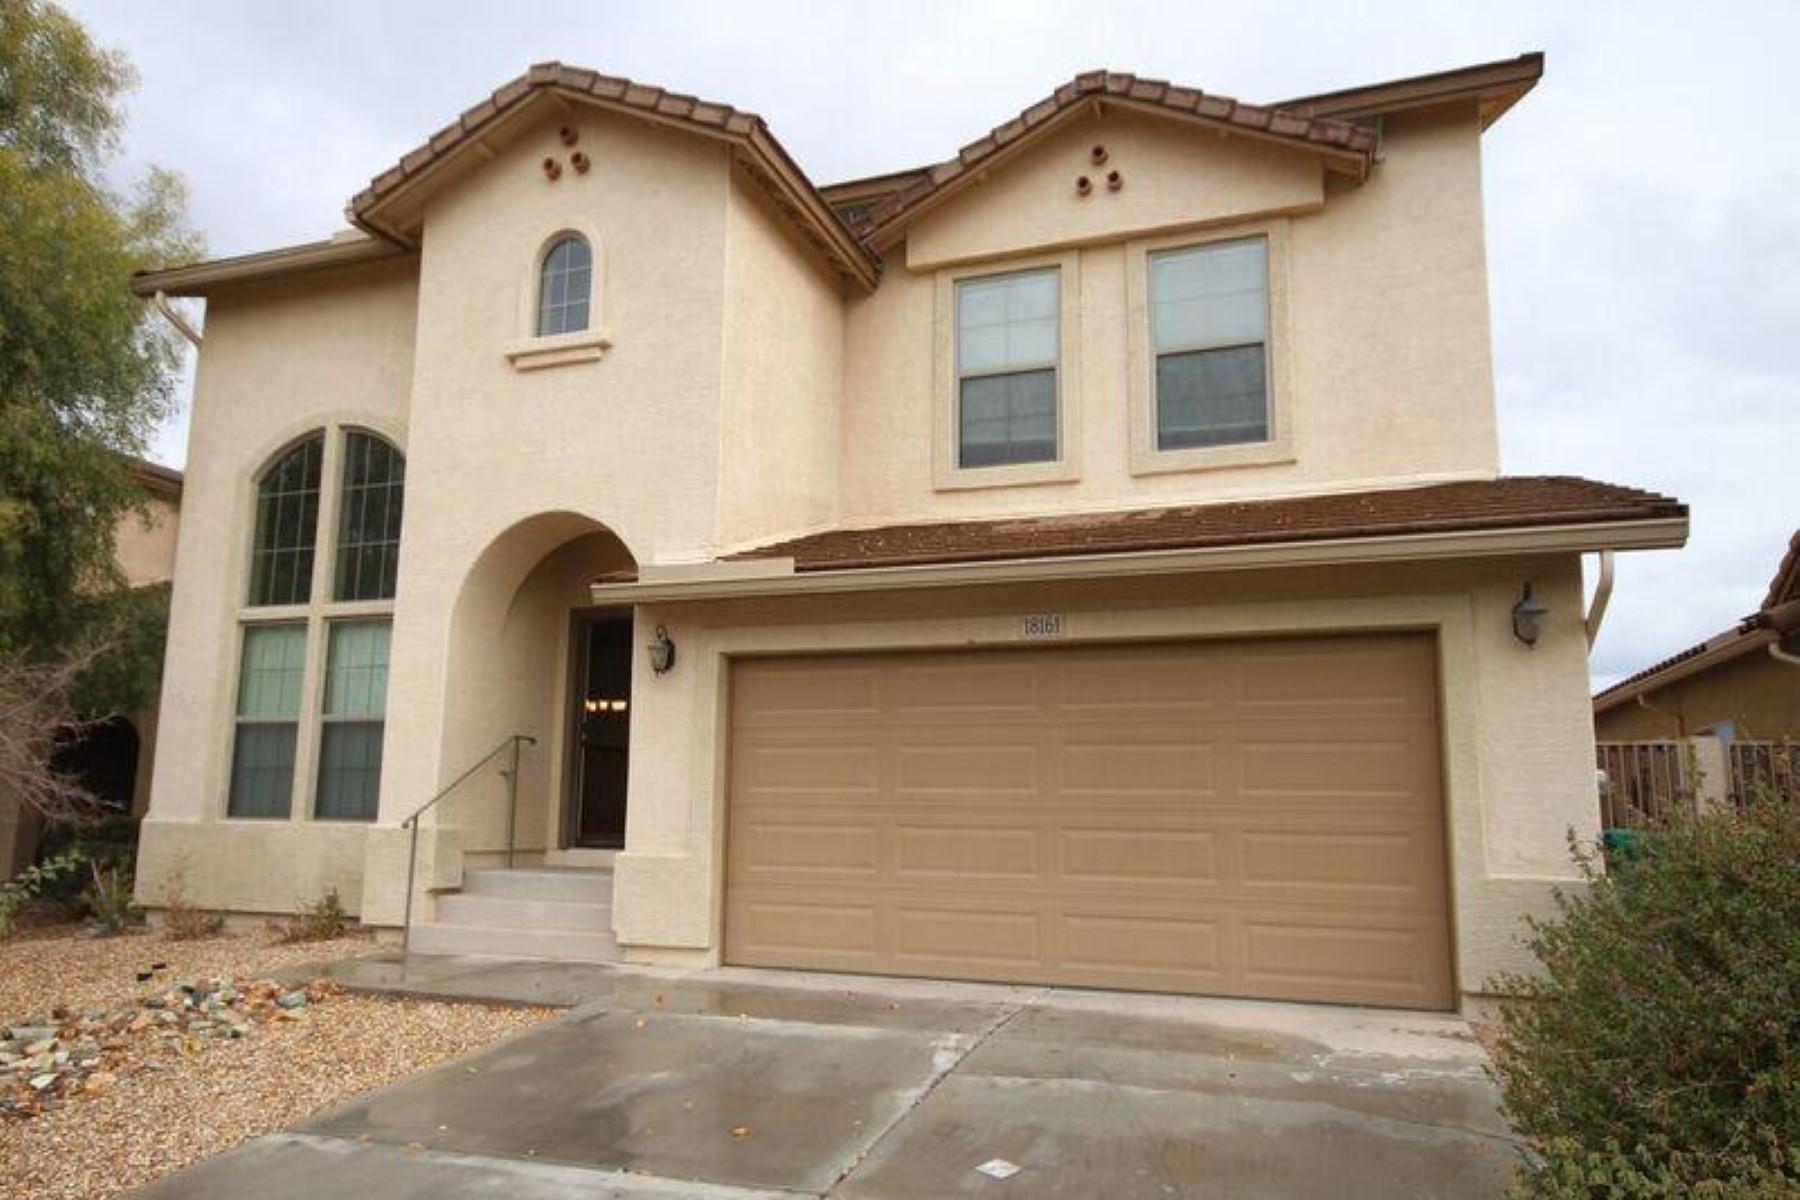 Tek Ailelik Ev için Satış at Great move in ready home in sought after Glennwilde subdivision 18161 N Cook Dr Maricopa, Arizona 85138 Amerika Birleşik Devletleri